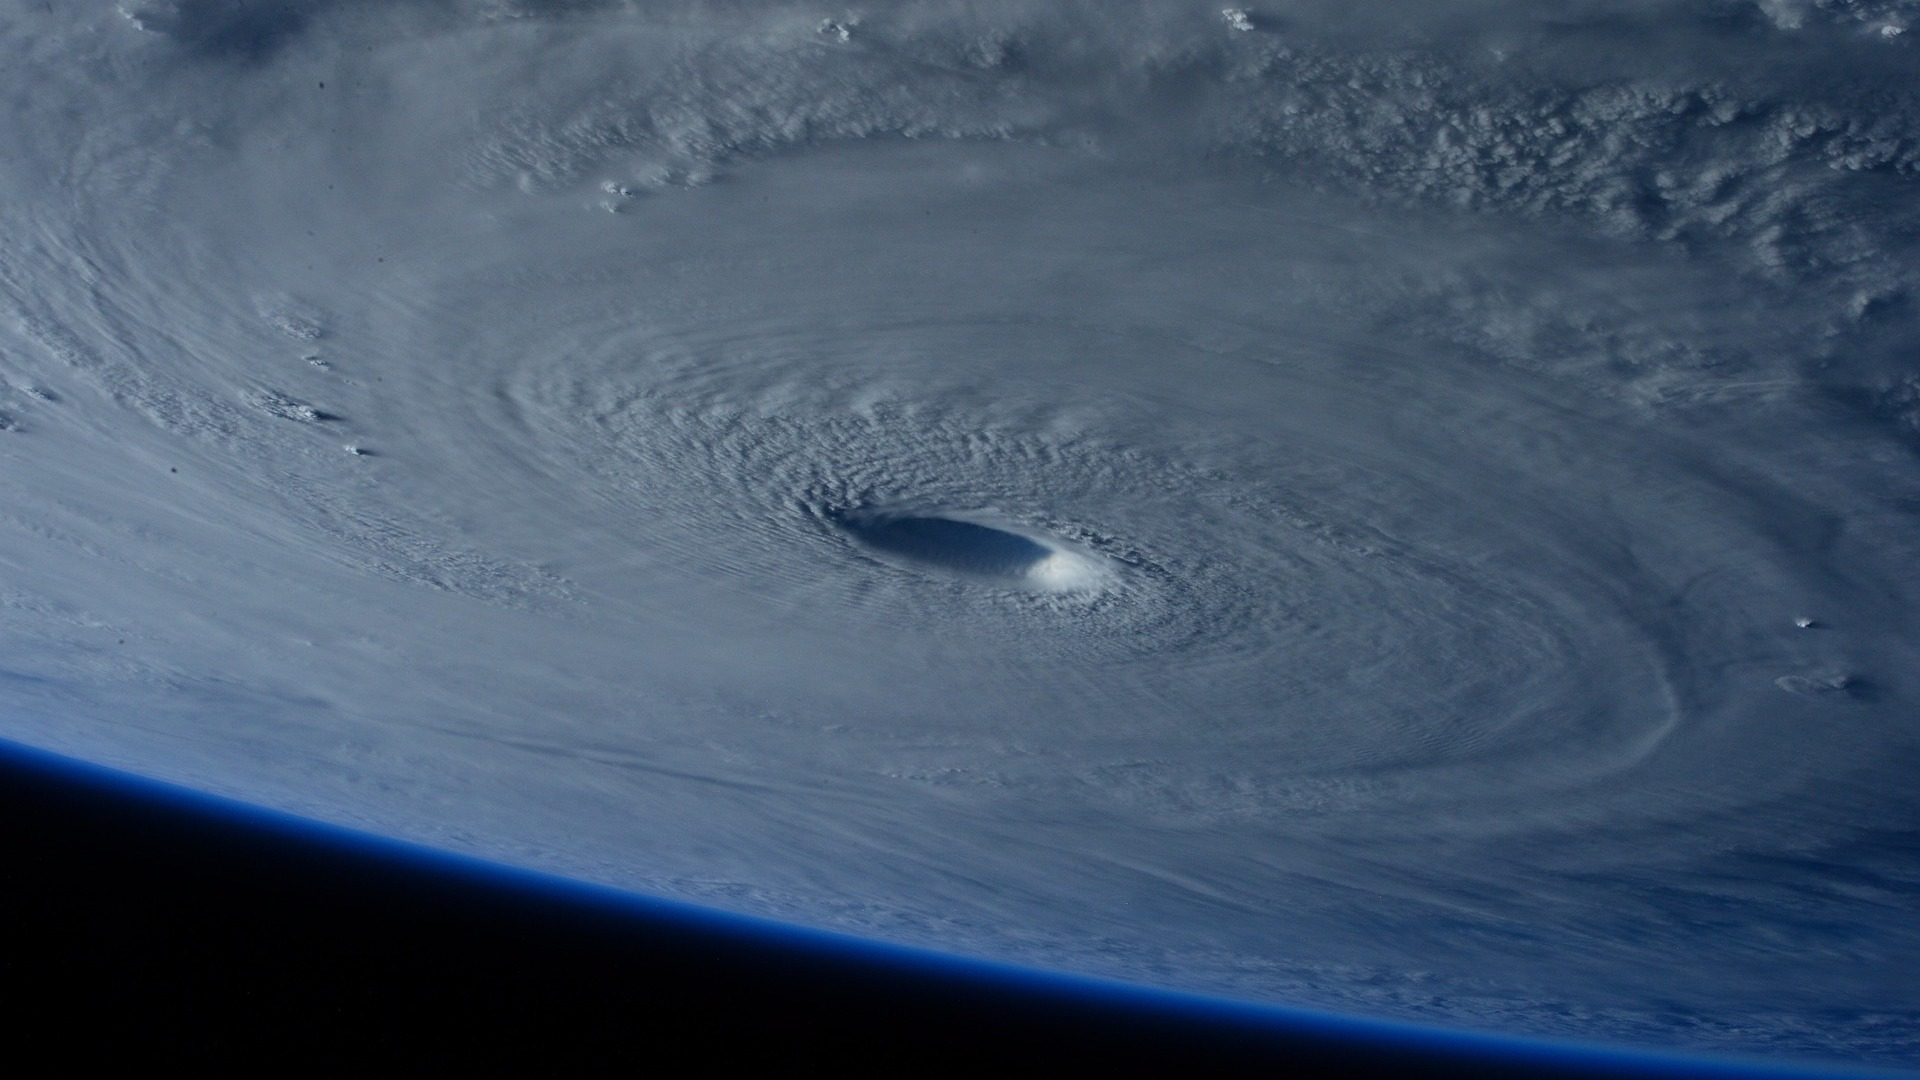 ¿Qué es un huracán, un ciclón o tormenta tropical? ¿Cuál es la diferencia?